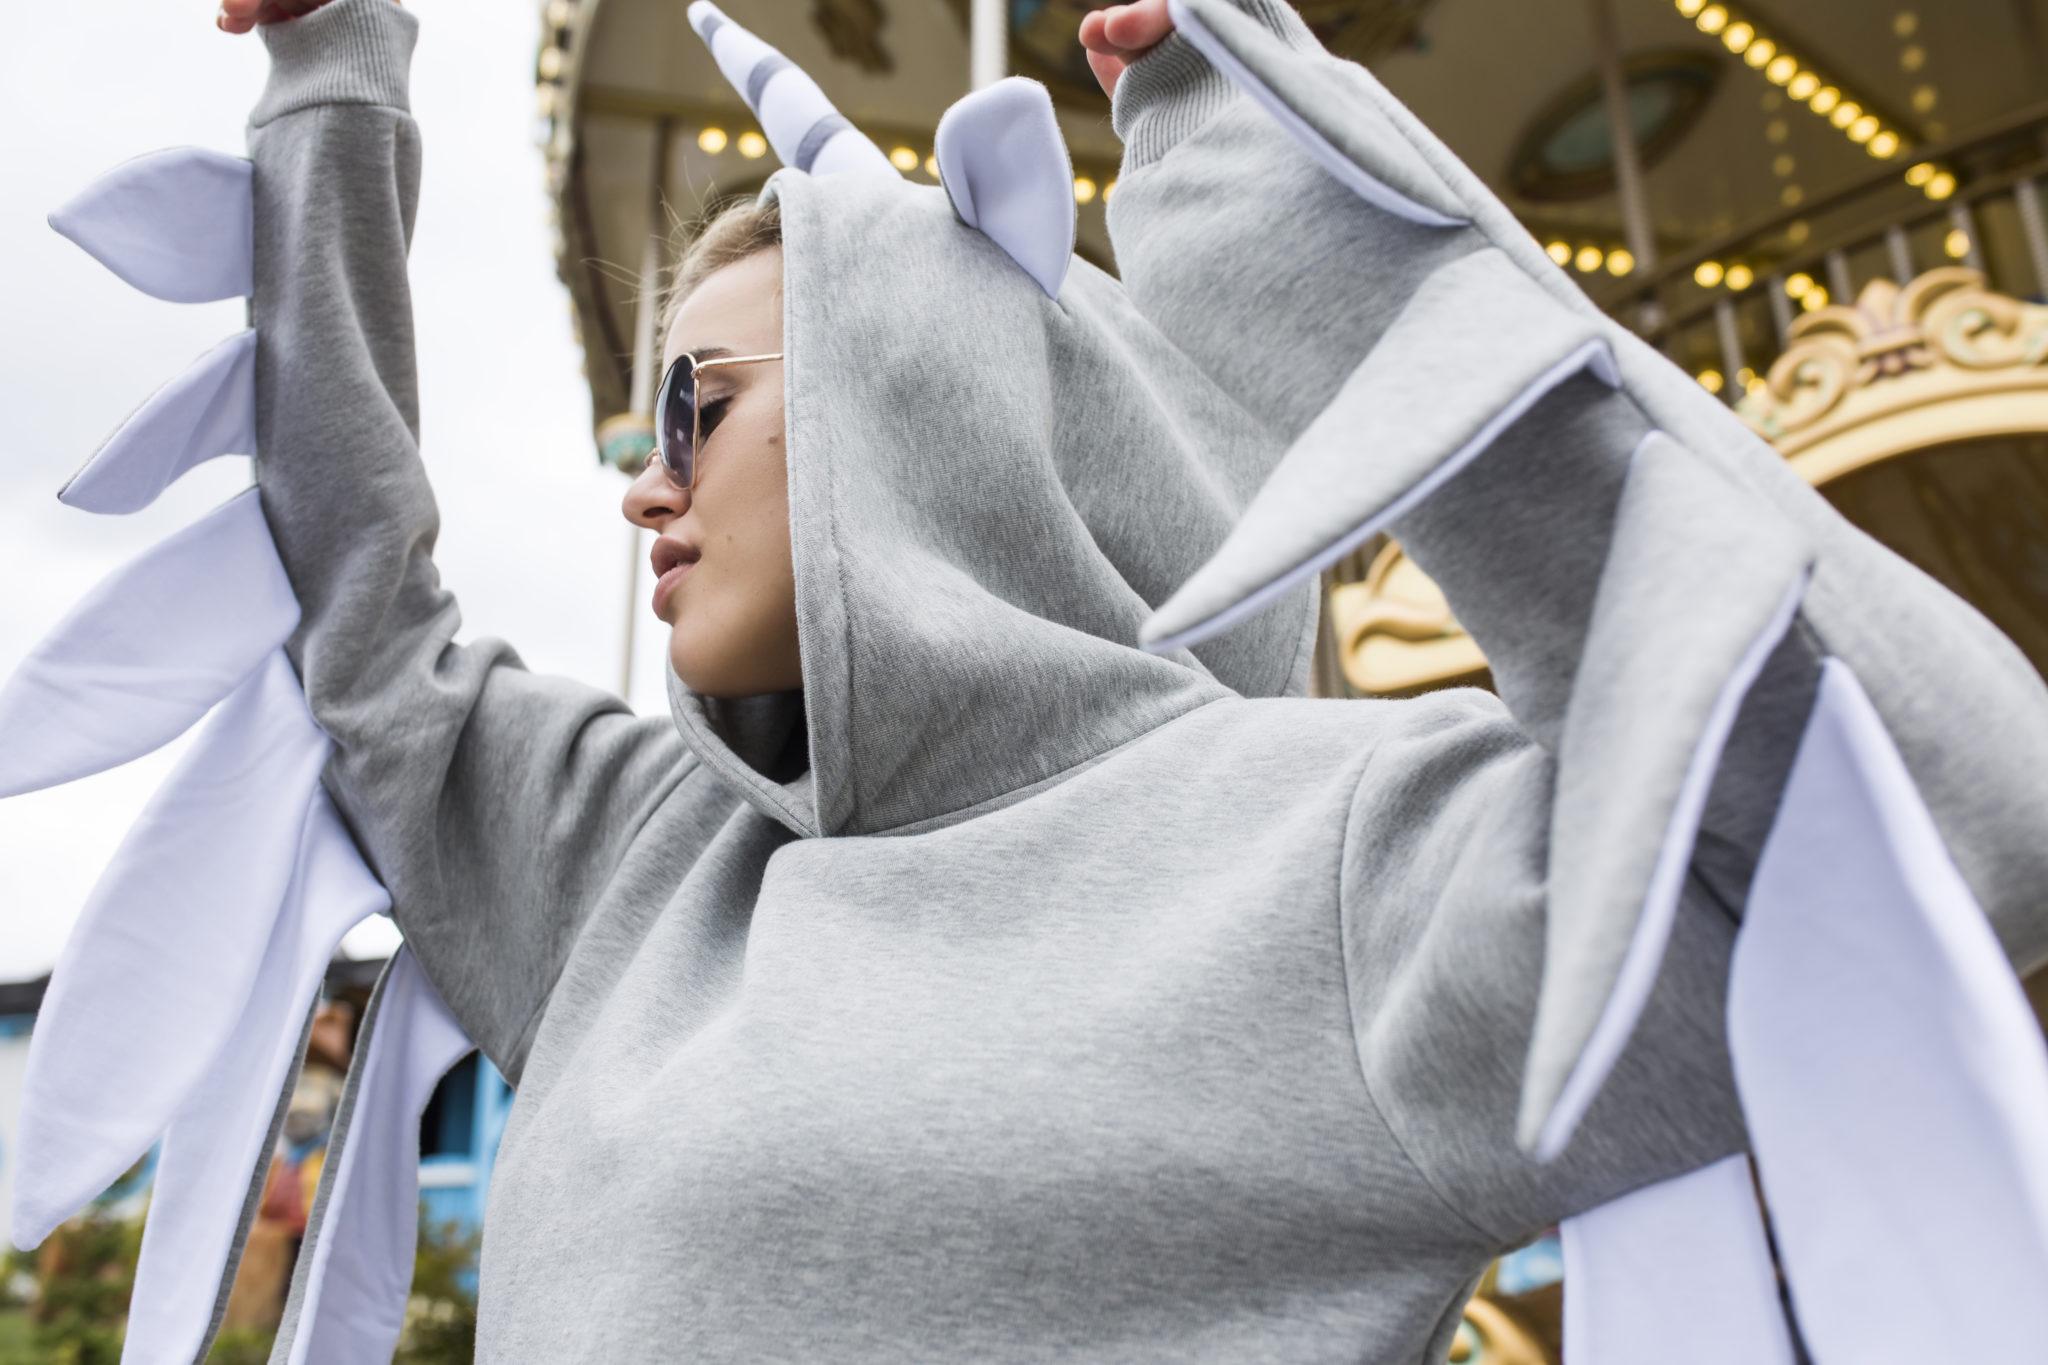 Dziewczyna w szarej bluzie z rogiem jednorożca na kapturze